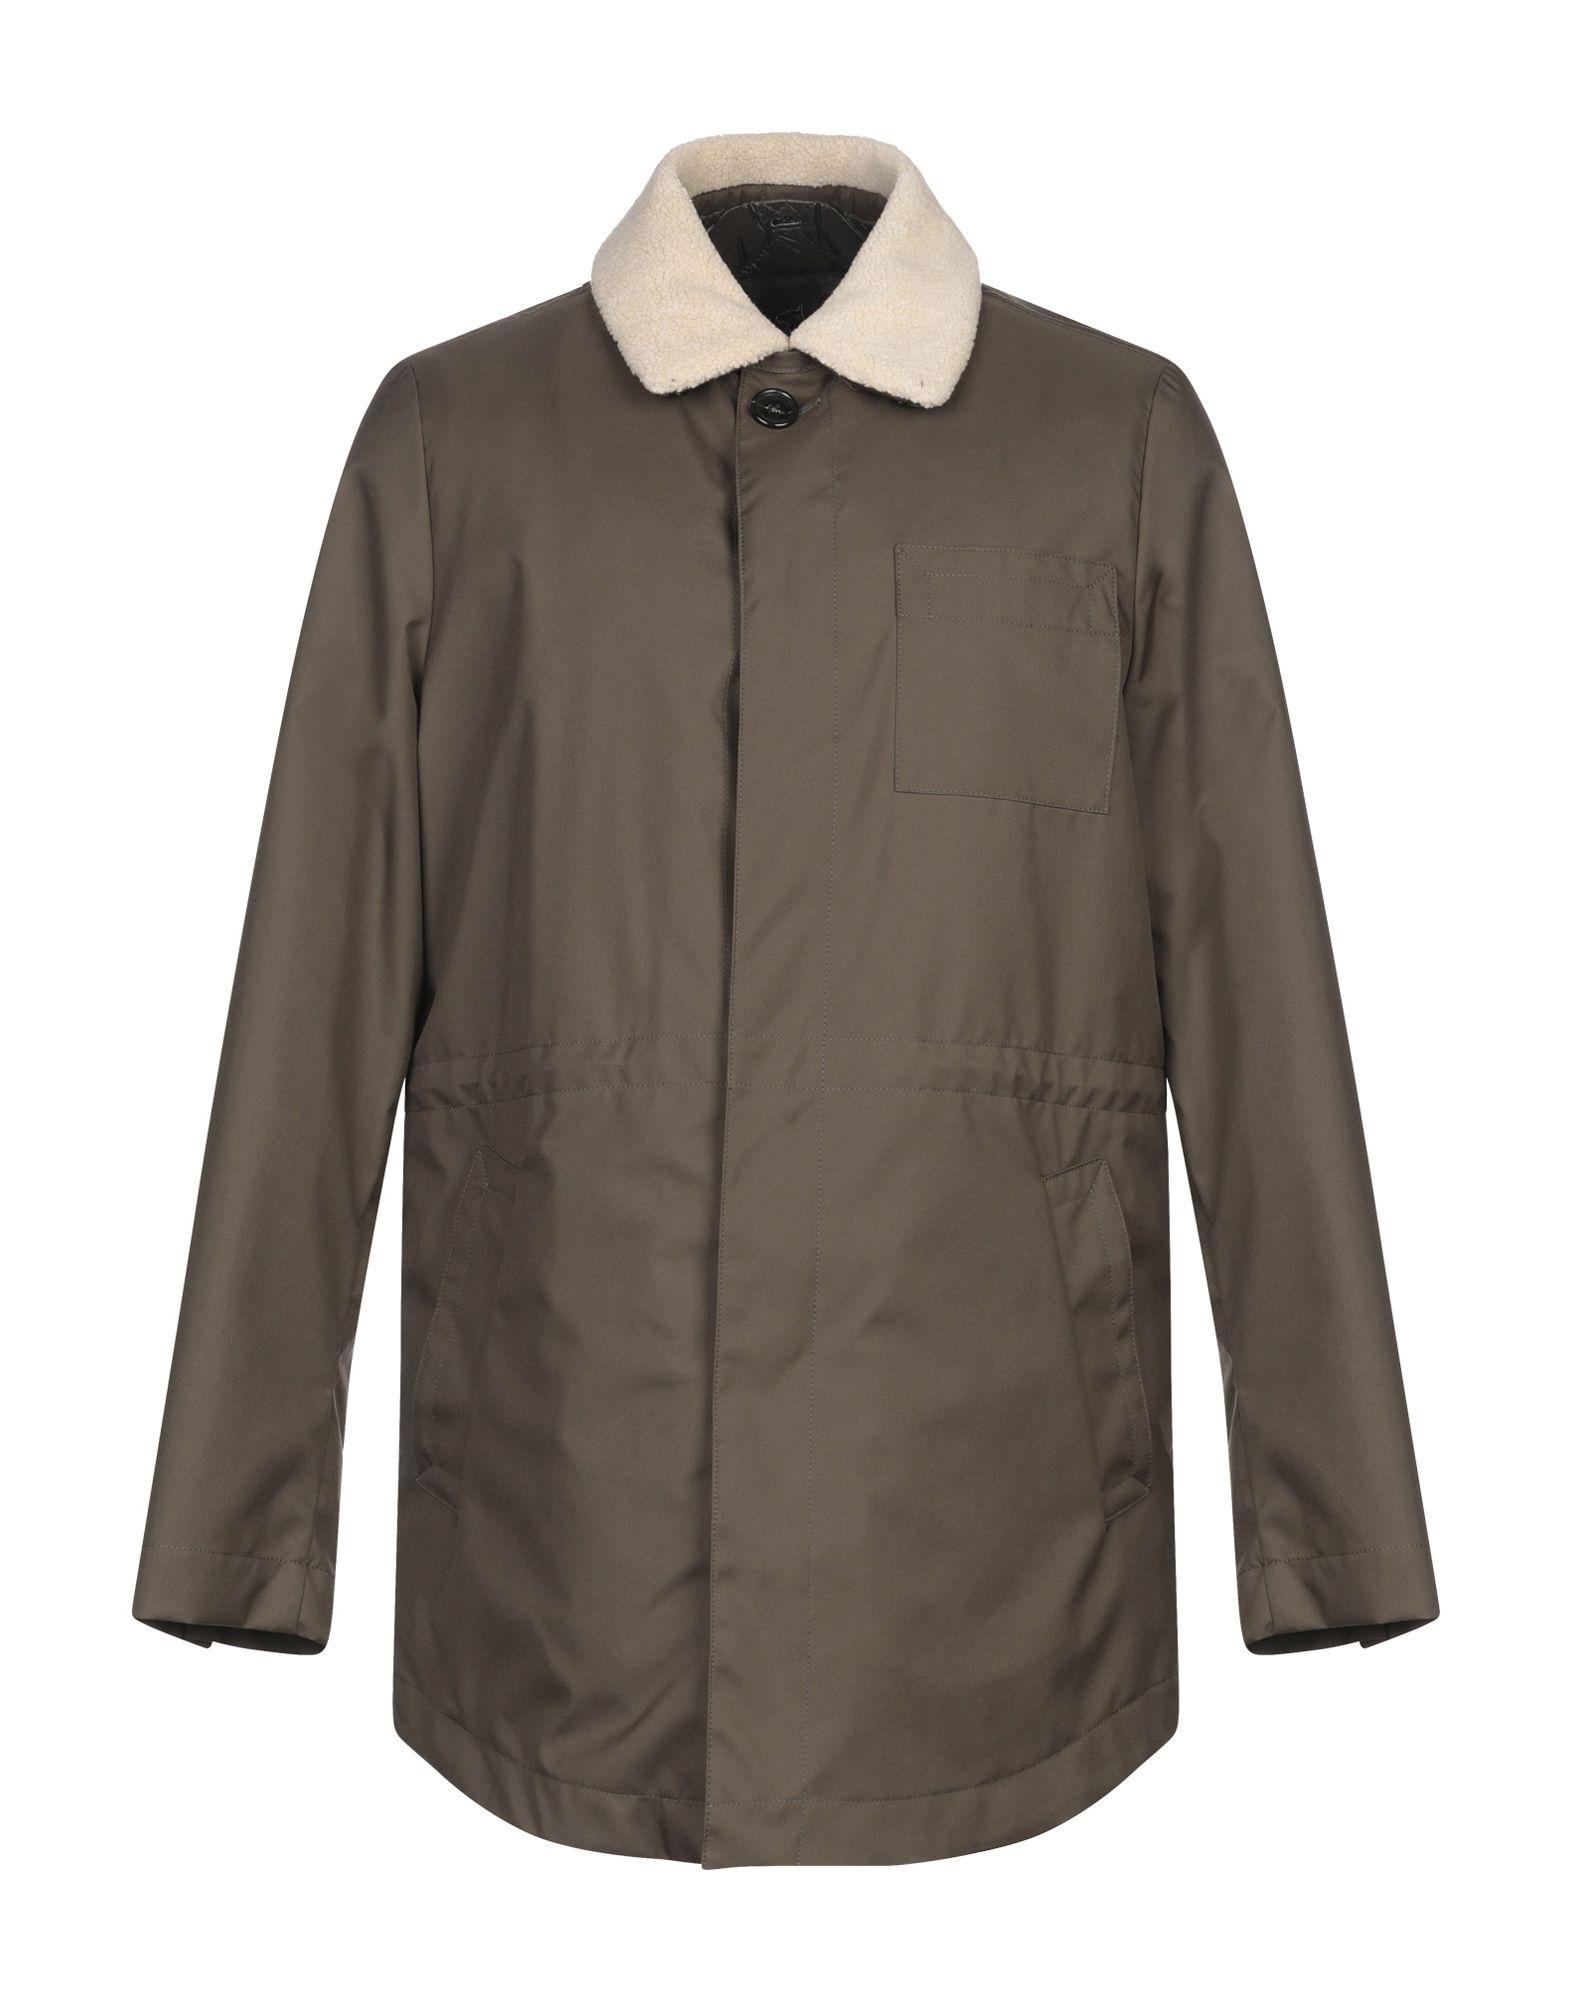 Giubbotto Montecore uomo - 41902194QM 41902194QM  Marken online billig verkaufen